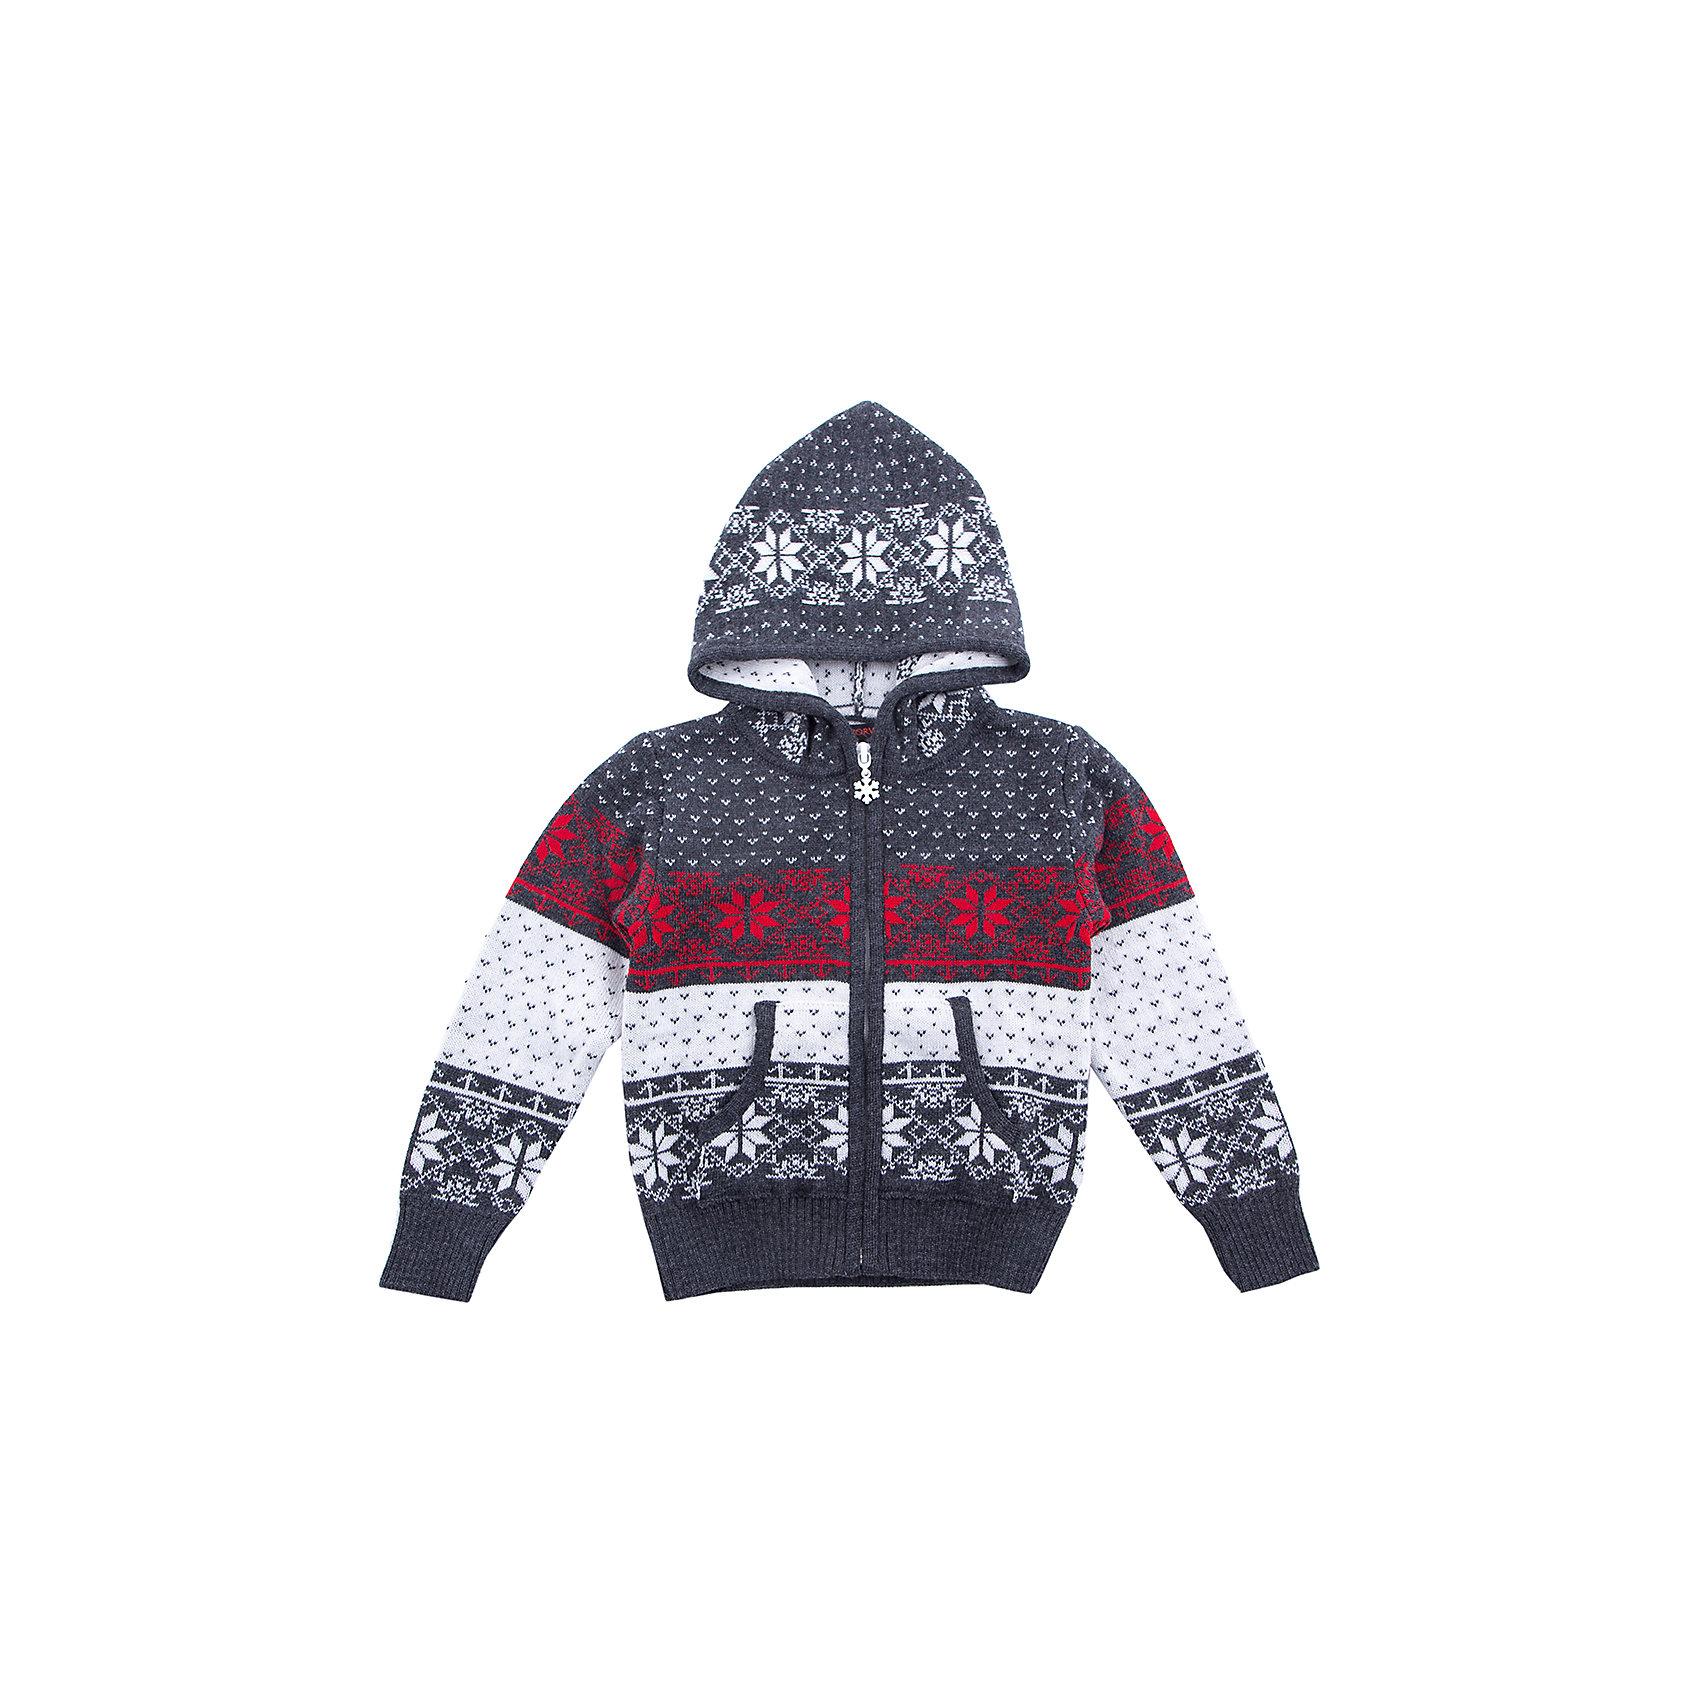 Кардиган NorvegФлис и термобелье<br>Толстовка от известного бренда Norveg<br><br>Теплая толстовка Norveg Sweater Wool от немецкой компании Norveg (Норвег) - это удобная и красивая одежда, которая обеспечит комфортную терморегуляцию тела и на улице, и в помещении. <br>Она сделана из шерсти мериноса (австралийской тонкорунной овцы), которая обладает гипоаллергенными свойствами, поэтому не вызывает раздражения, даже если надета на голое тело.<br><br>Отличительные особенности модели:<br><br>- цвет: белый, красный серый;<br>- капюшон;<br>- анатомические трикотажные резинки внизу и на рукавах;<br>- удобный крой;<br>- подходит и мальчикам, и девочкам;<br>- застежка-молния;<br>- карманы.<br><br>Дополнительная информация:<br><br>- Температурный режим: от - 20° С  до +5° С.<br><br>- Состав: 100% шерсть мериноса<br>Толстовку Norveg (Норвег) можно купить в нашем магазине.<br><br>Ширина мм: 230<br>Глубина мм: 40<br>Высота мм: 220<br>Вес г: 250<br>Цвет: красный<br>Возраст от месяцев: 84<br>Возраст до месяцев: 96<br>Пол: Мужской<br>Возраст: Детский<br>Размер: 128,152/158,116,104,92,140/146<br>SKU: 4224480